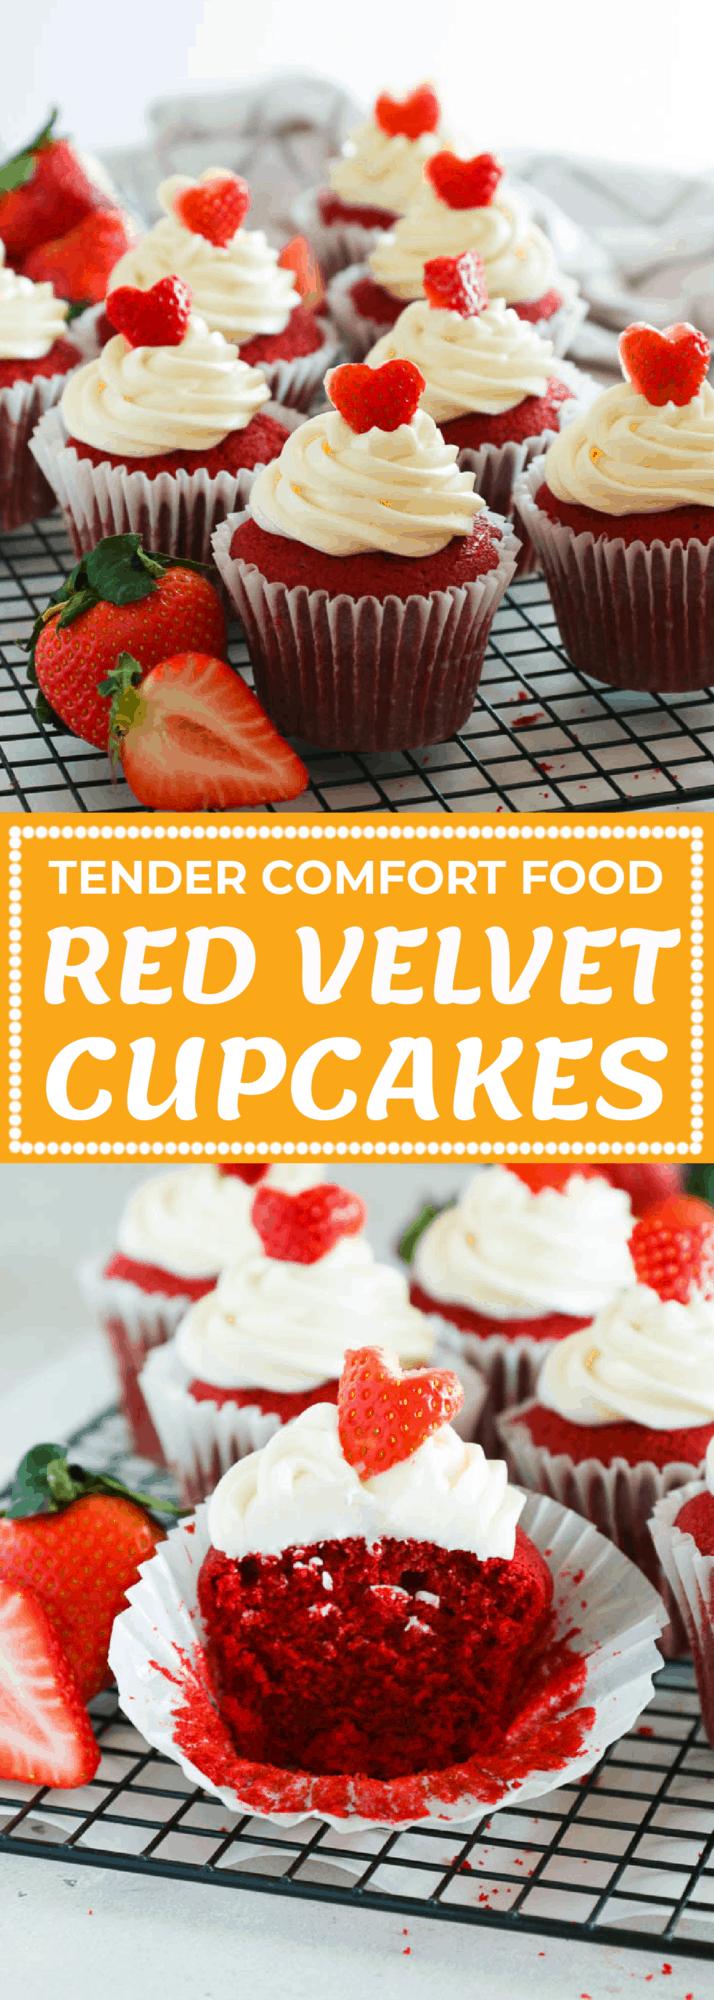 Red Velvet Cupcakes Tender Comfort Food